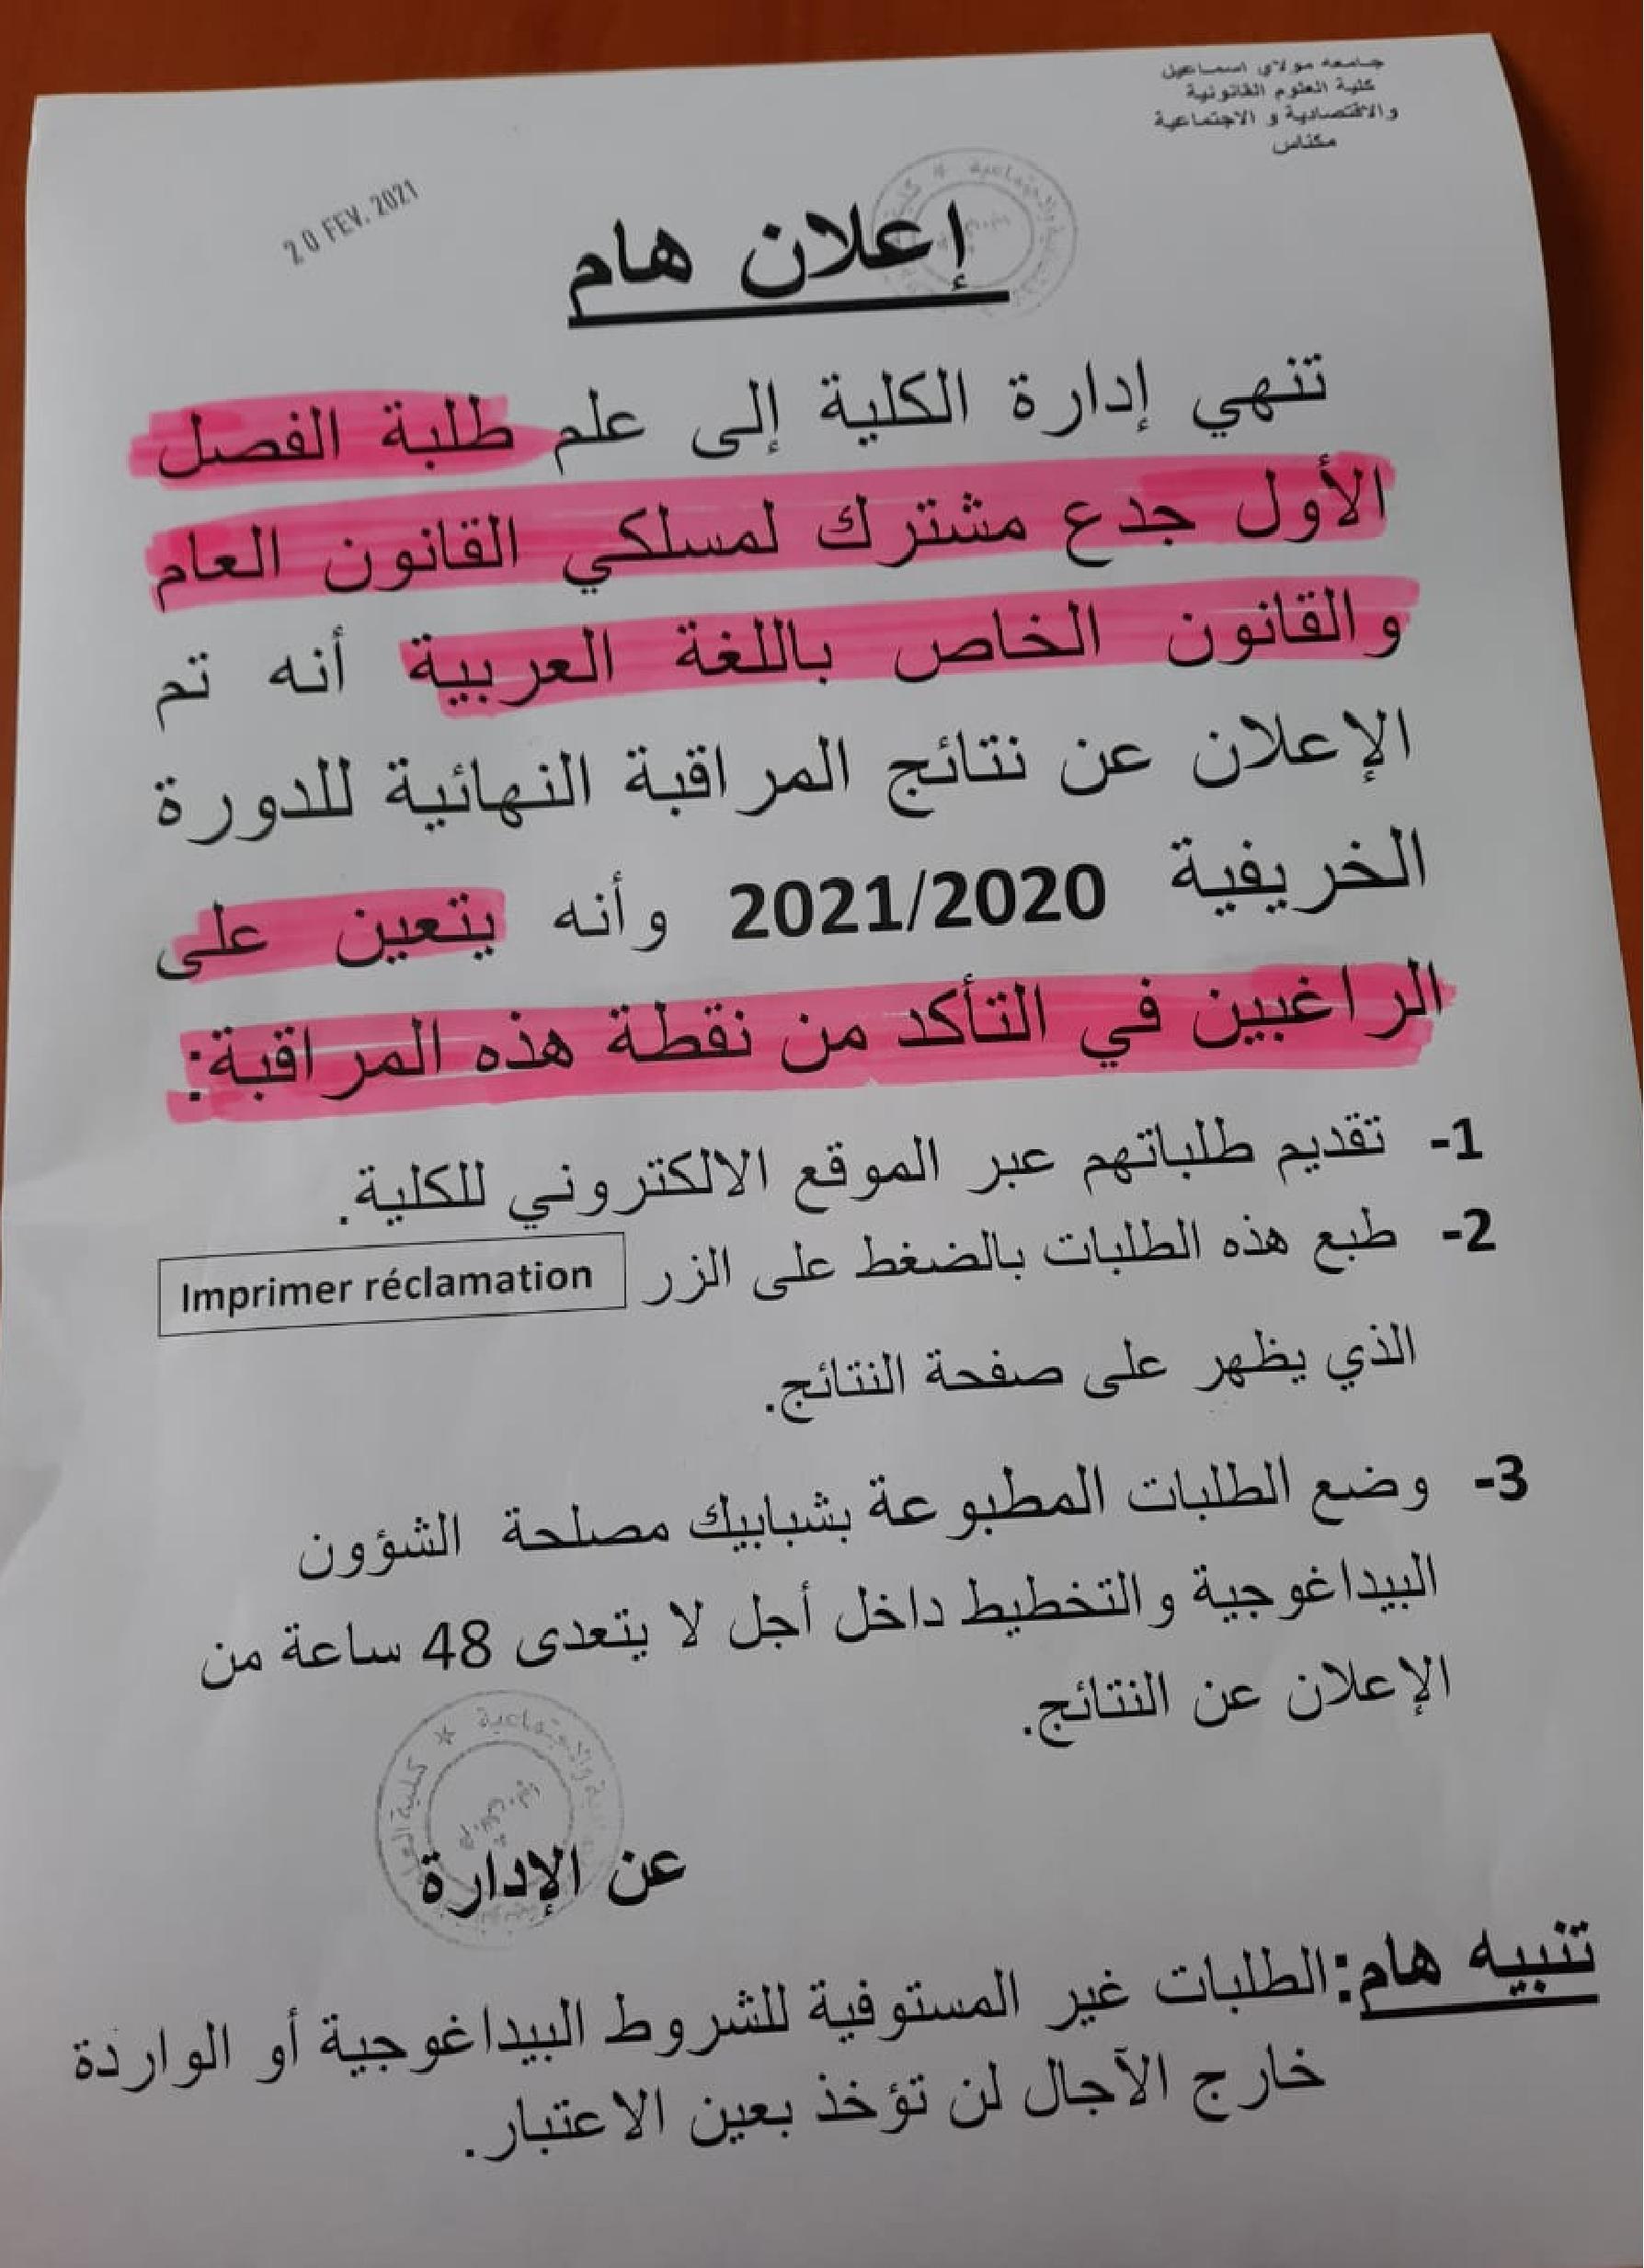 إعلان لطلبة الفصل الأول جدع مشترك لمسلكي القانون العام والقانون الخاص باللغة العربية